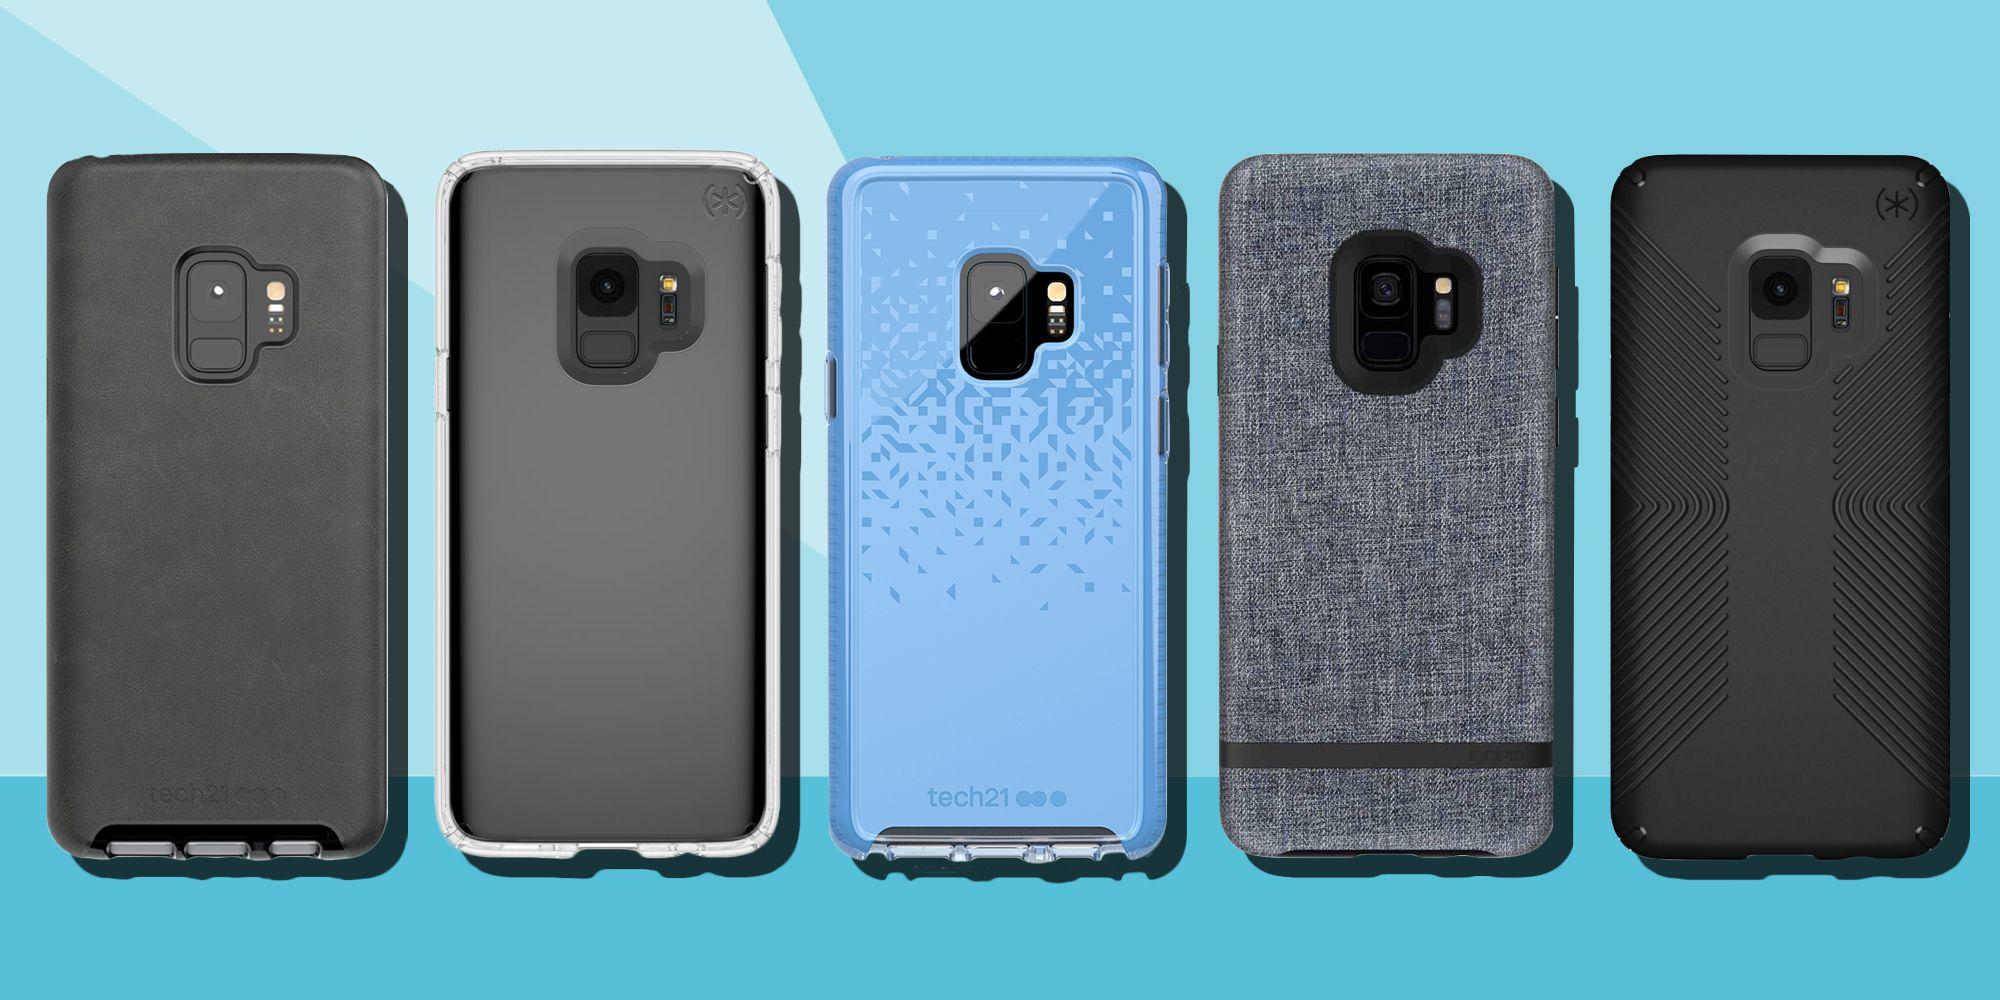 Cases Incipio Phone